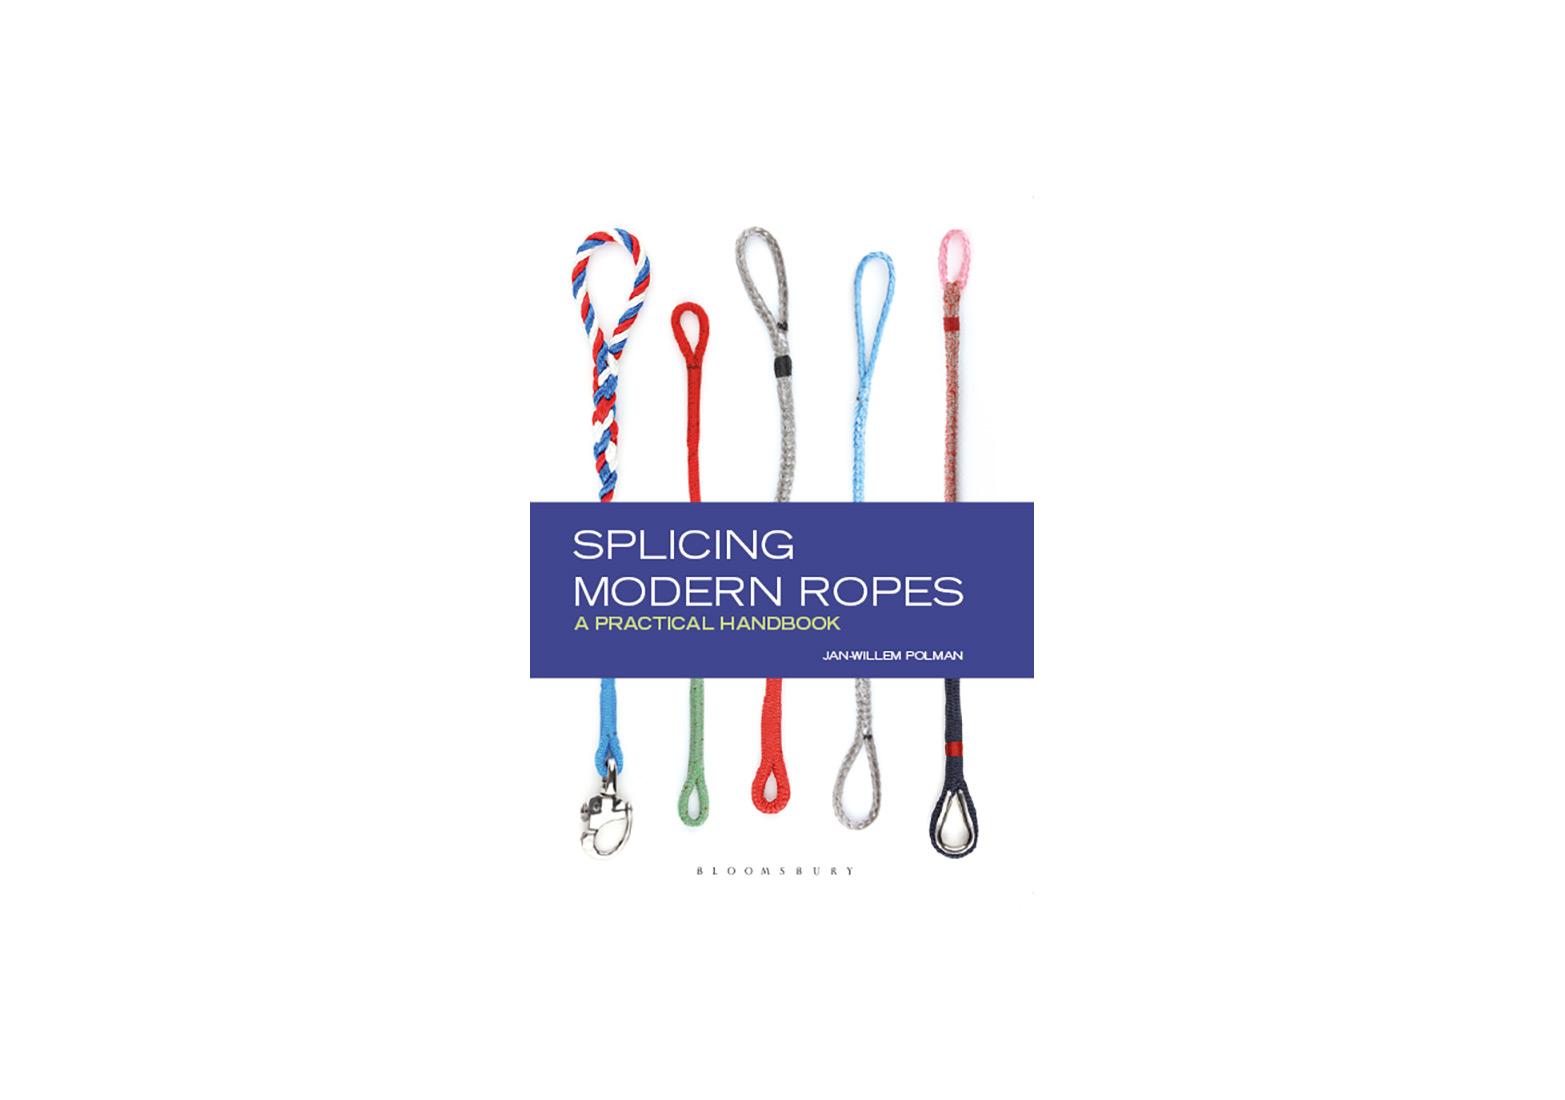 Splicing Manuals